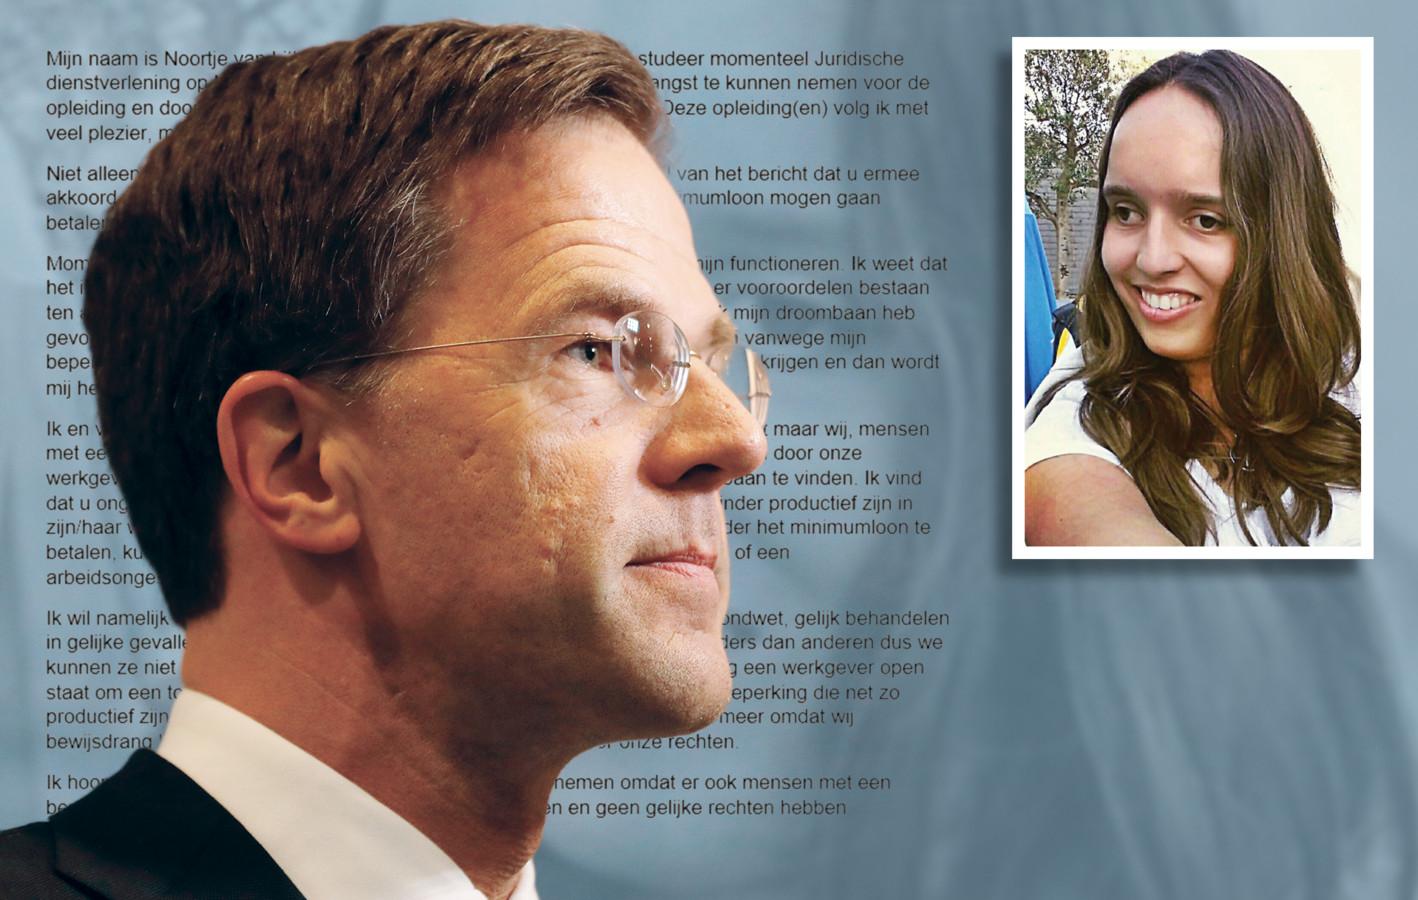 De 21-jarige Noortje van Lith uit Roosendaal schreef een persoonlijke brief aan premier Rutte.